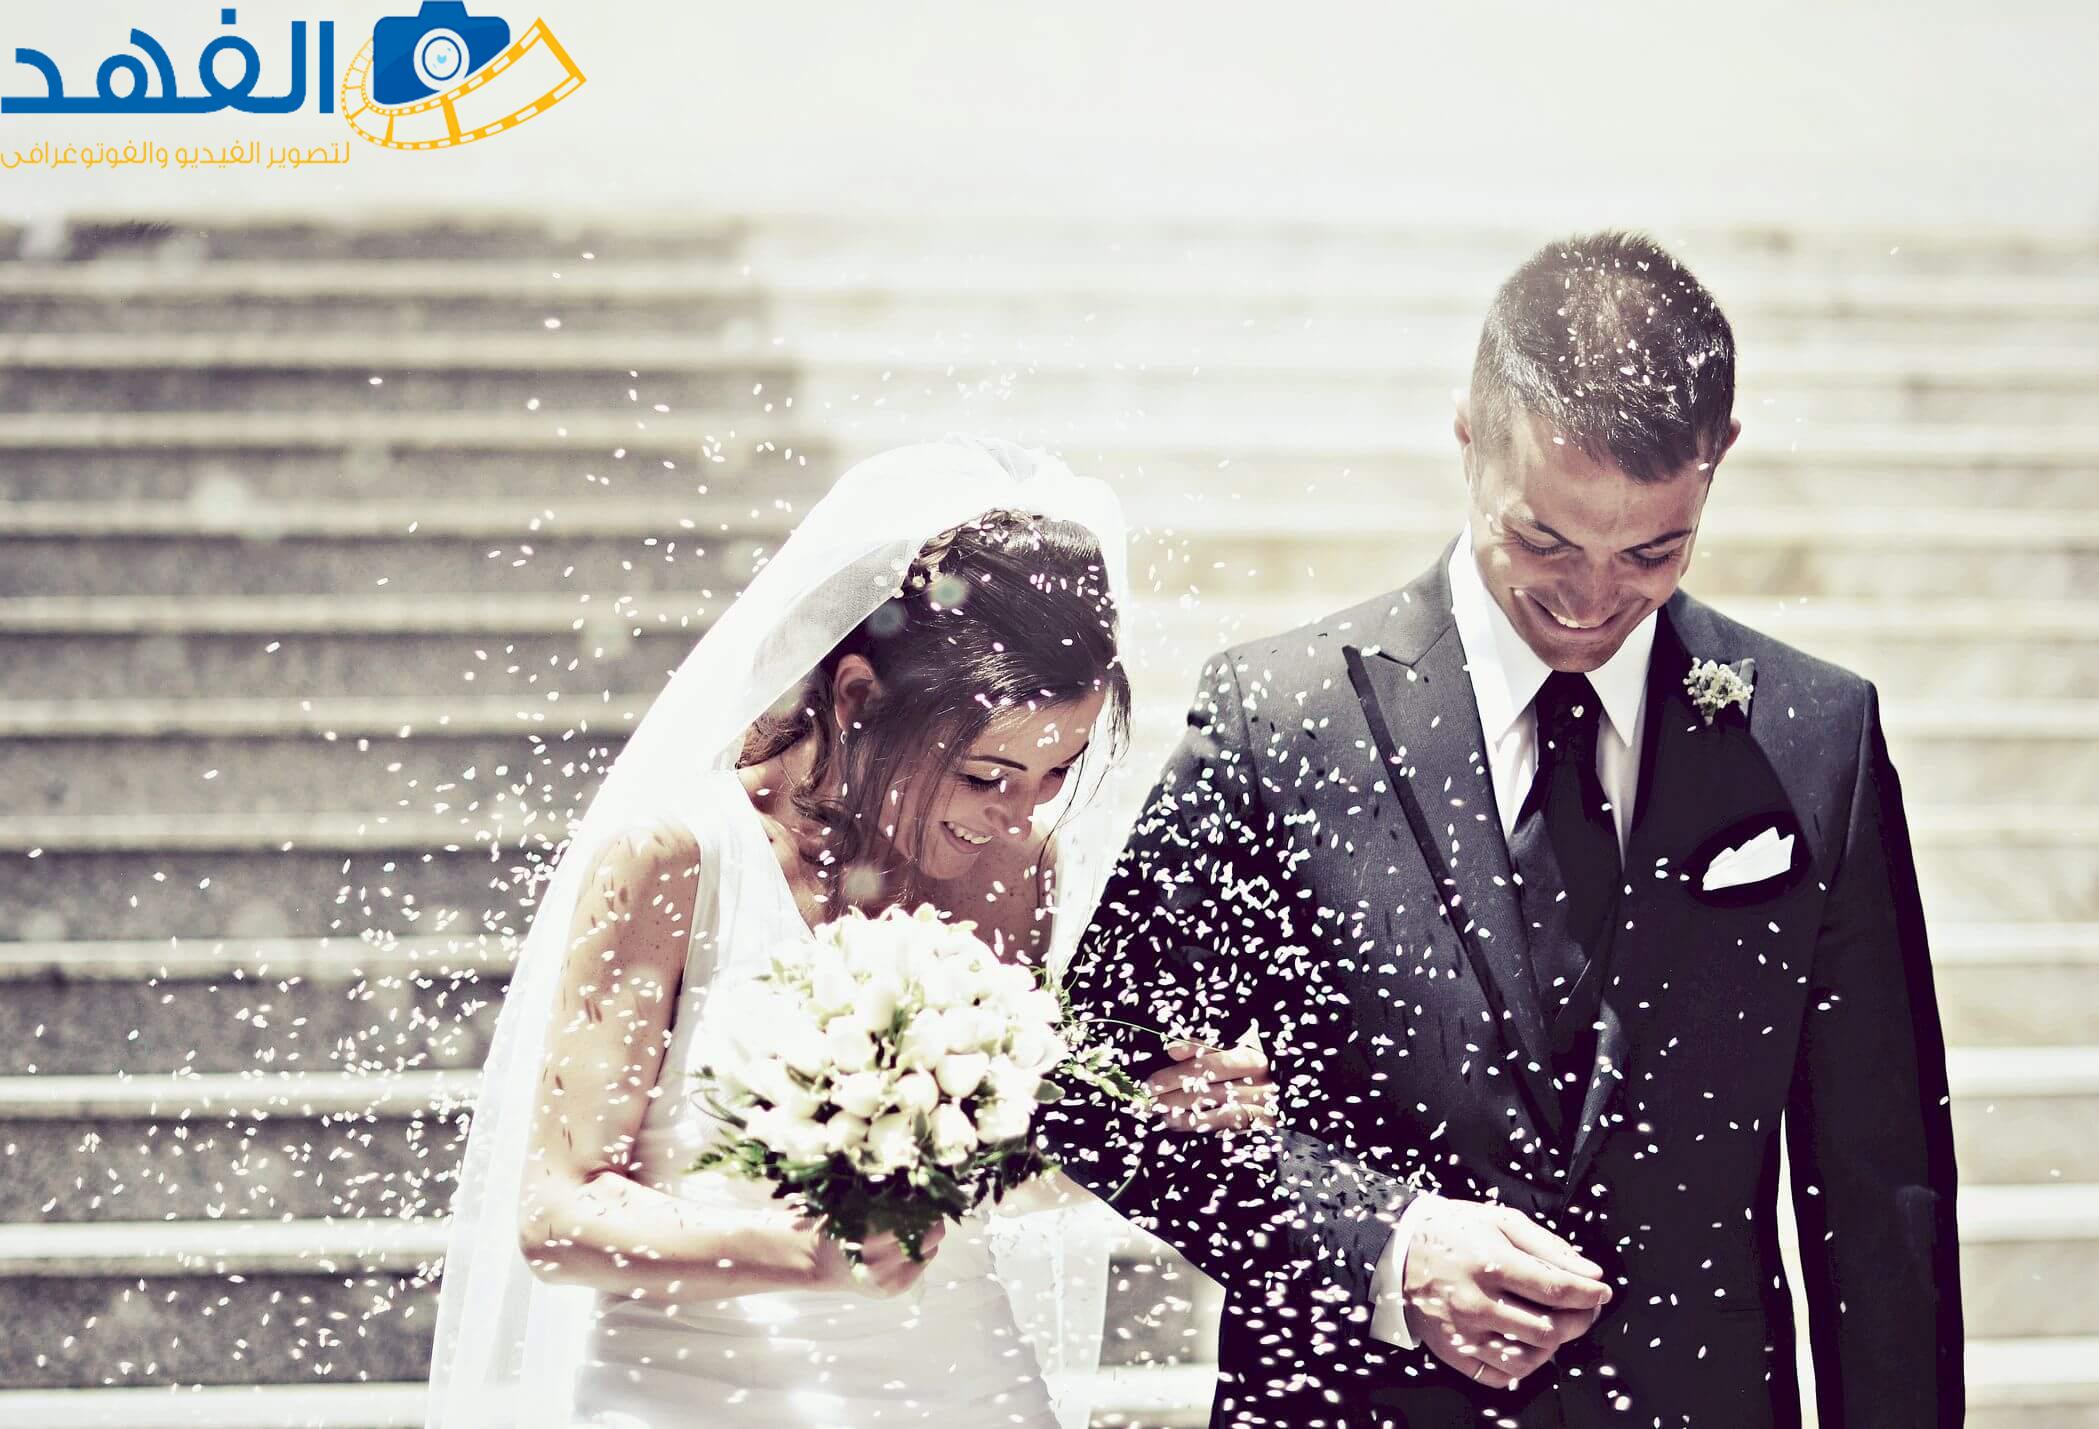 تصوير اعراس محترف بالرياض